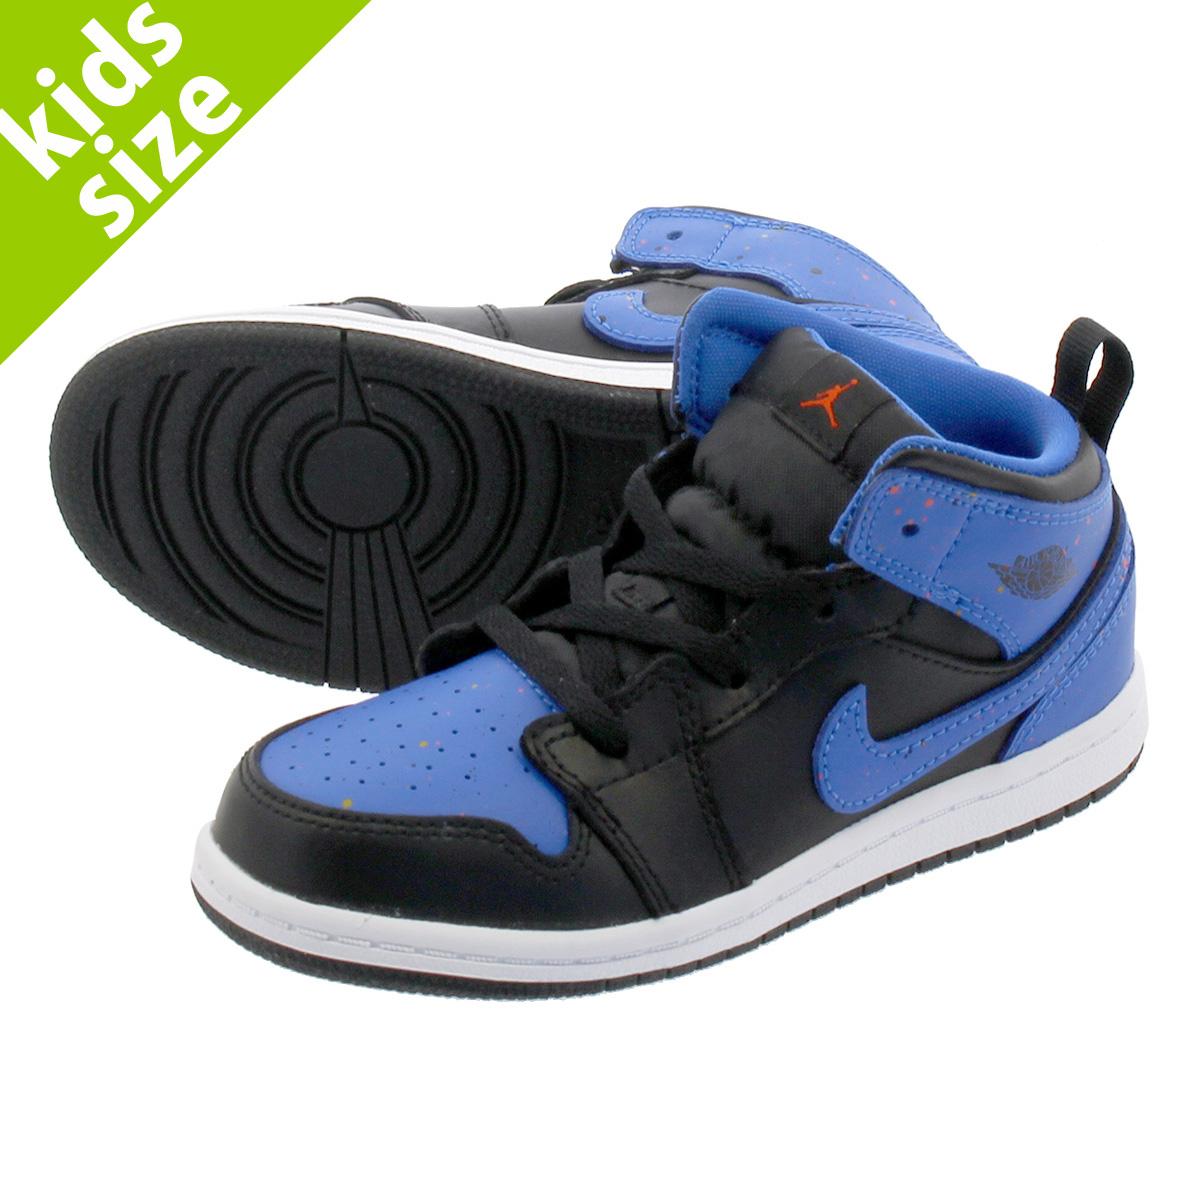 premium selection e2662 f70e1 NIKE AIR JORDAN 1 MID BT Nike Air Jordan 1 mid BT BLACK/SIGNAL BLUE/TEAM  ORANGE 640,735-048